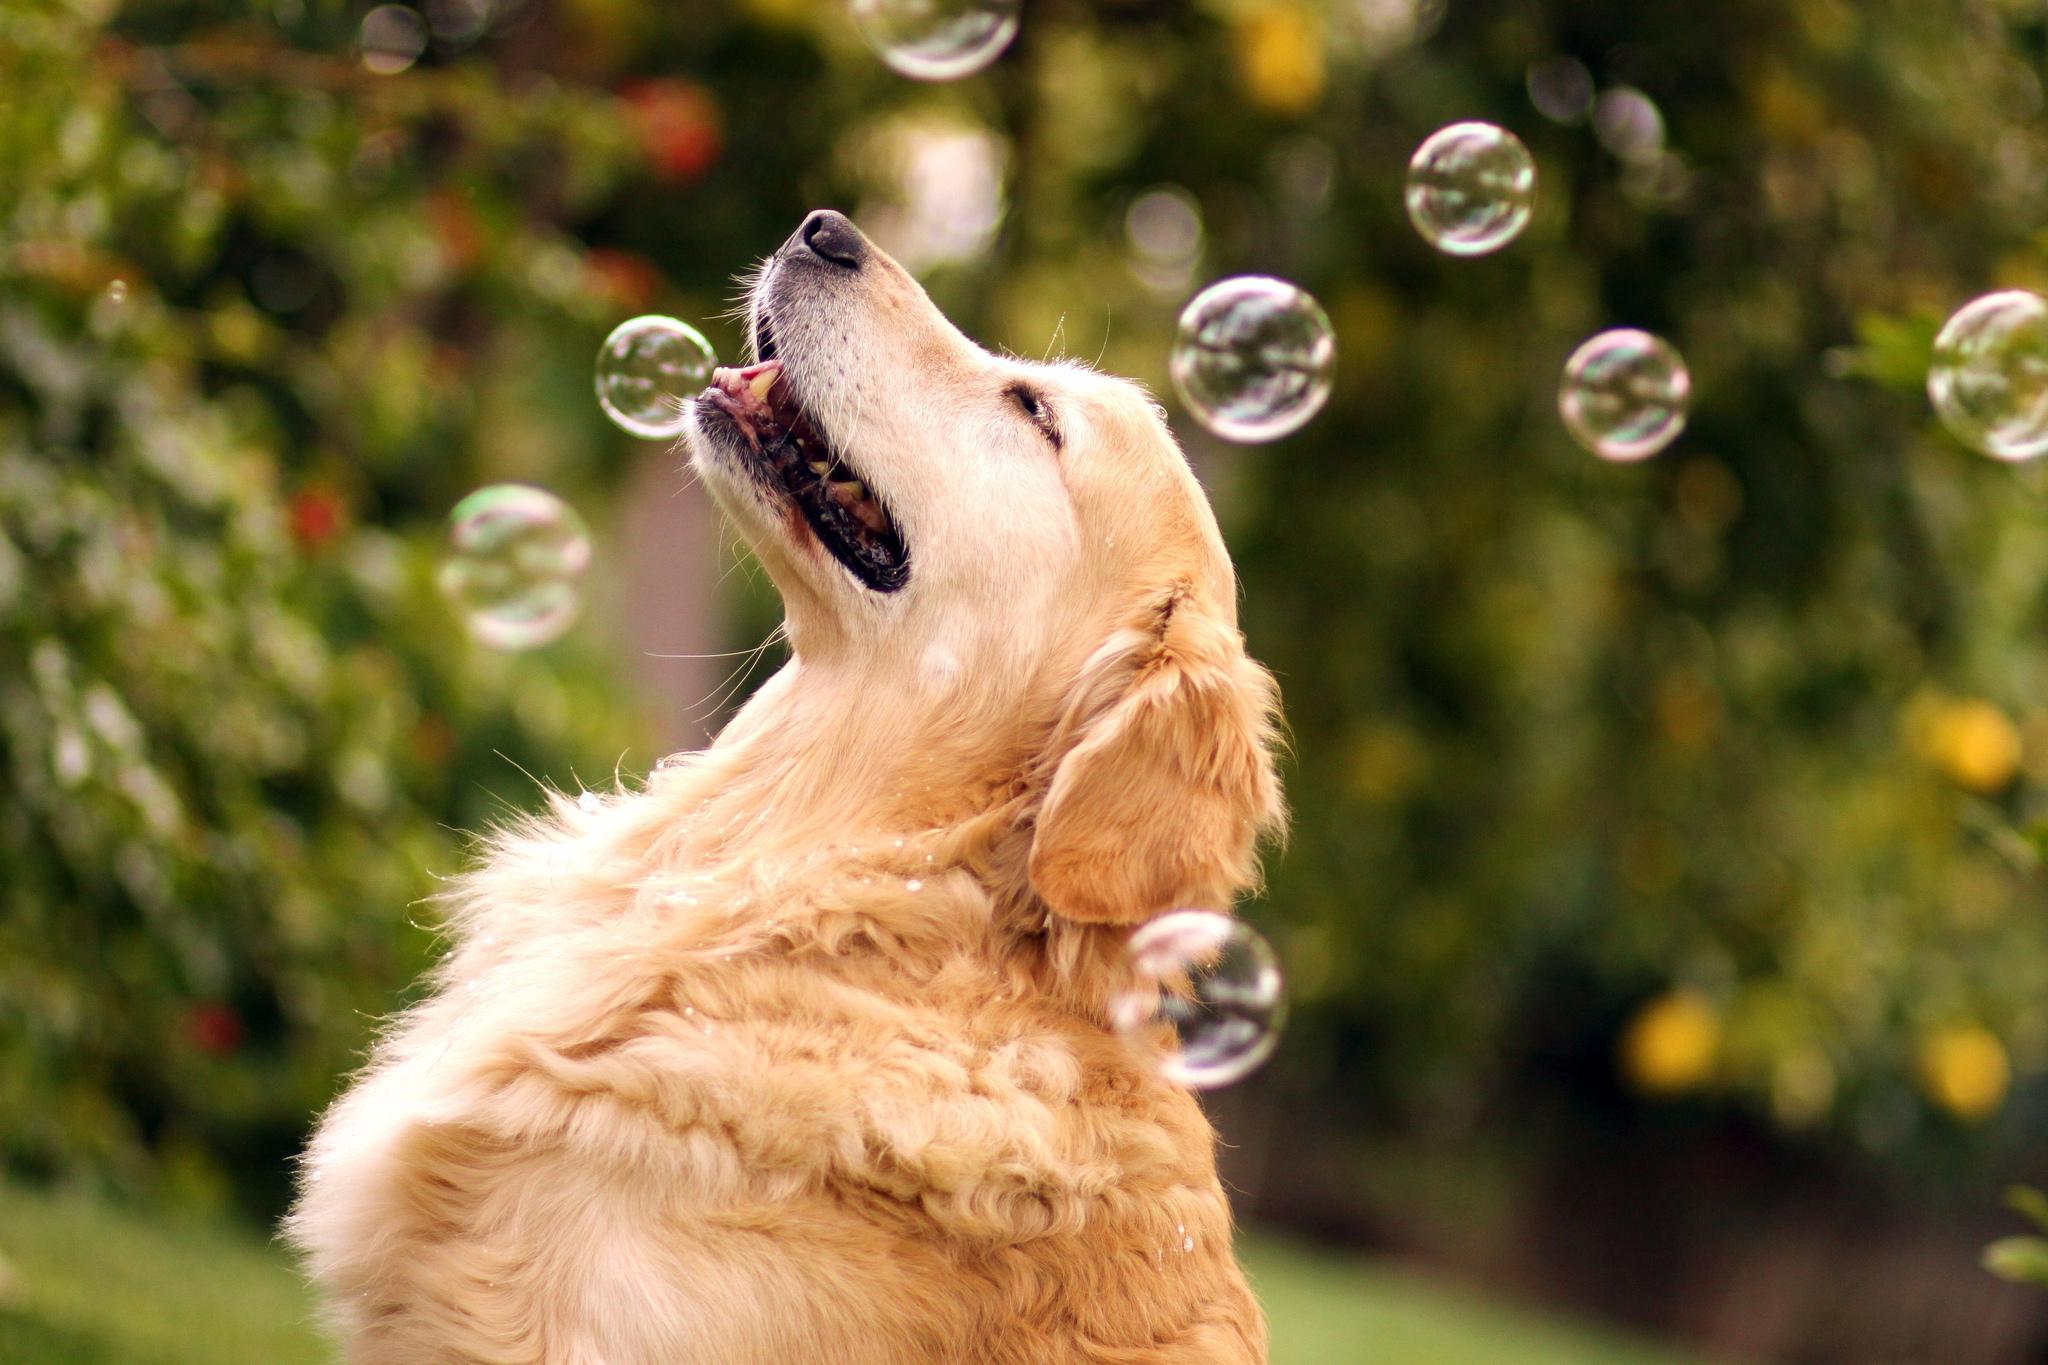 best dogs wallpapers - HD Desktop Wallpapers   4k HD